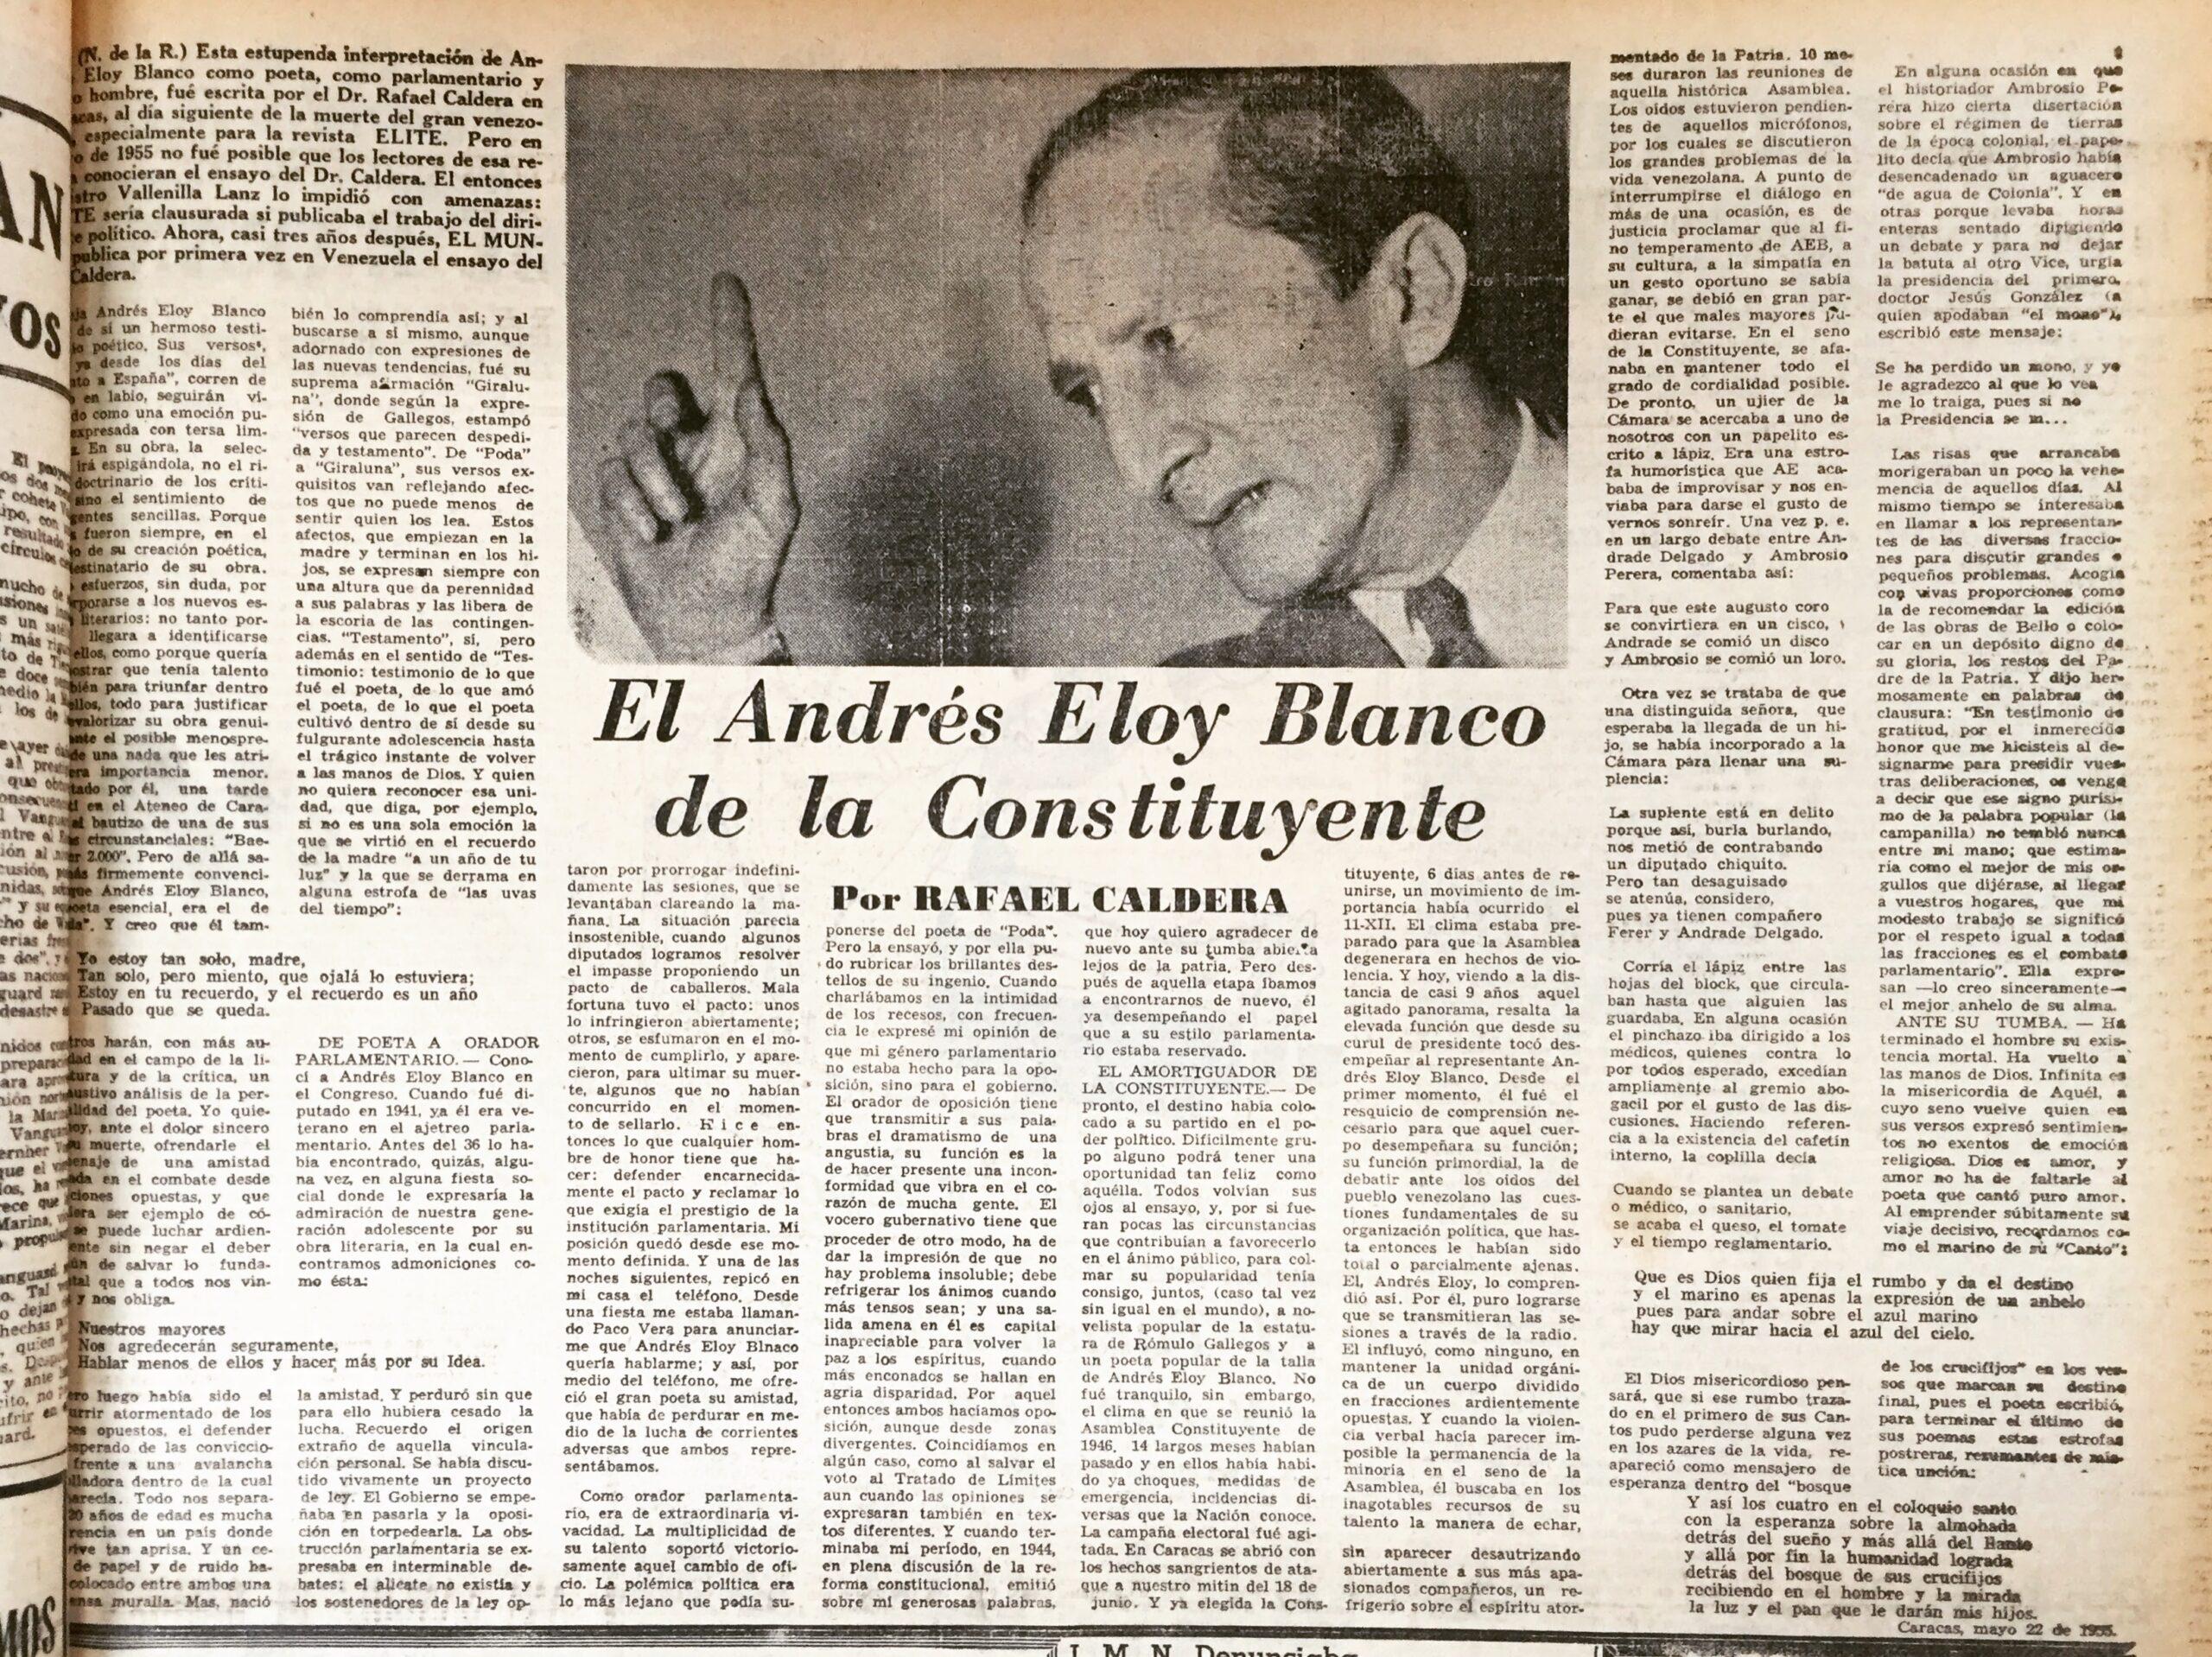 1958. Febrero, 7. El Mundo: Andrés Eloy Blanco: El amortiguador de la Constituyente